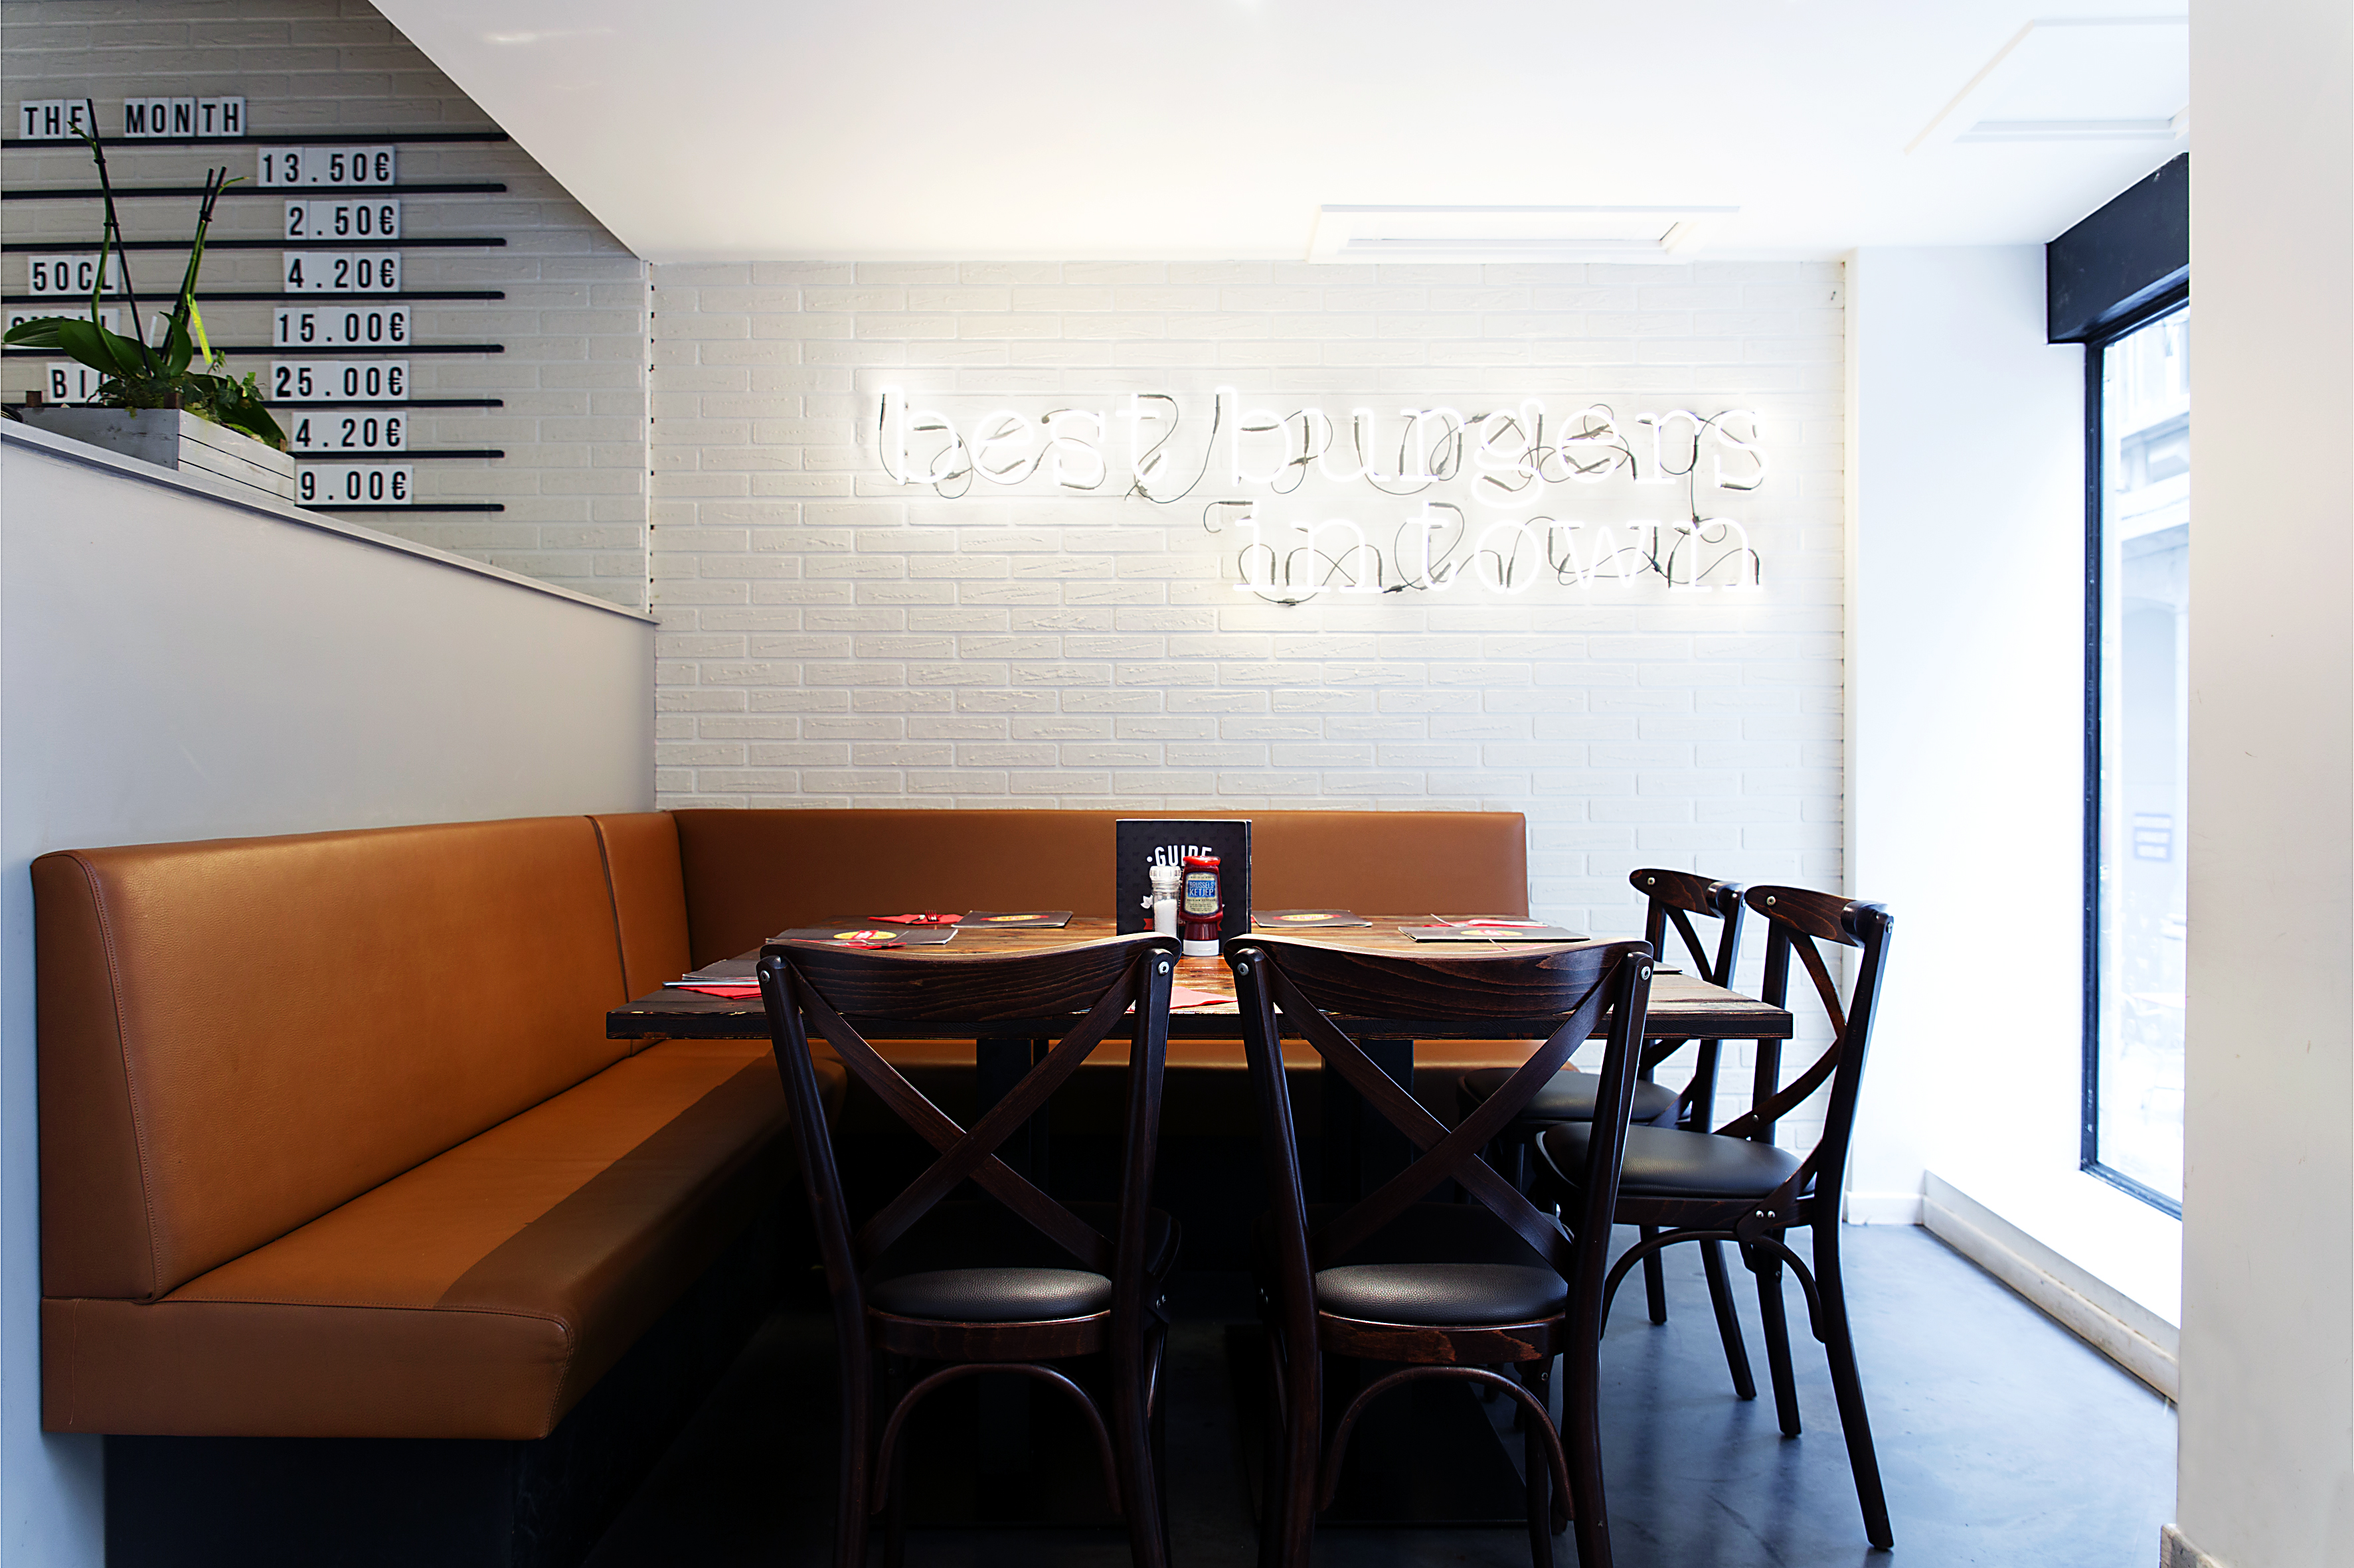 Architecte d'intérieur basé à Liège, spécialisé dans la conception et l'agencement de restaurants, magasins et autres espaces professionnels.